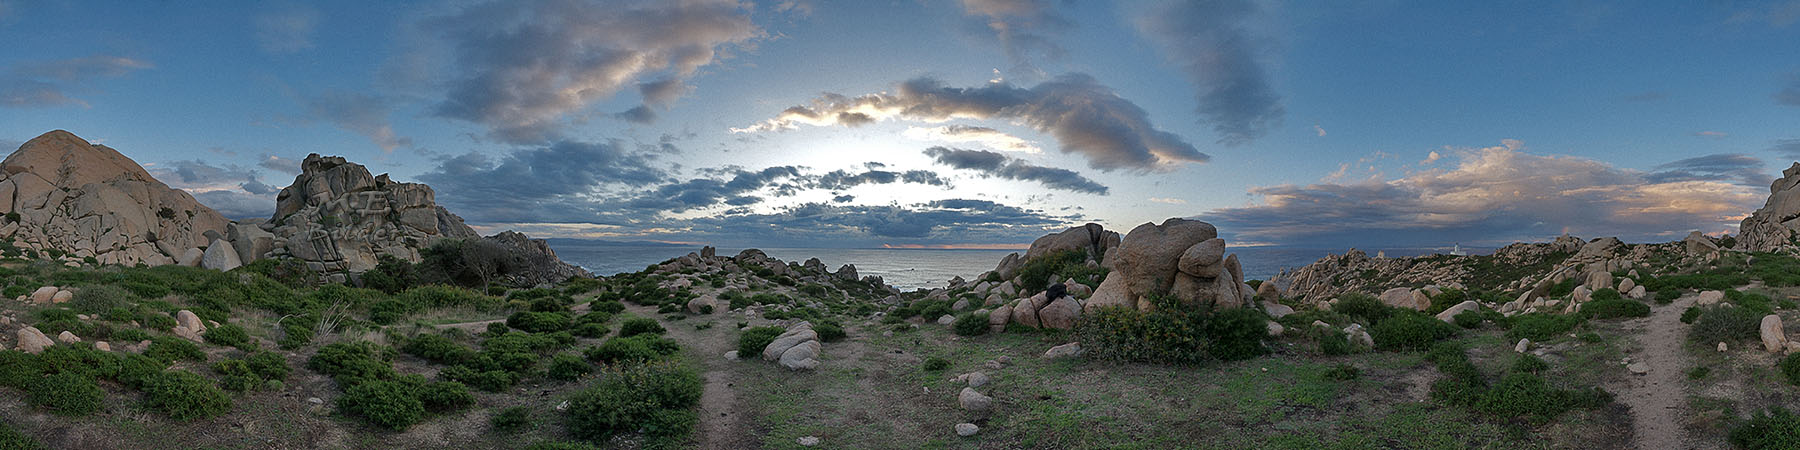 360° Capo Testa auf Sardinen - aus 48 Einzelaufnahmen